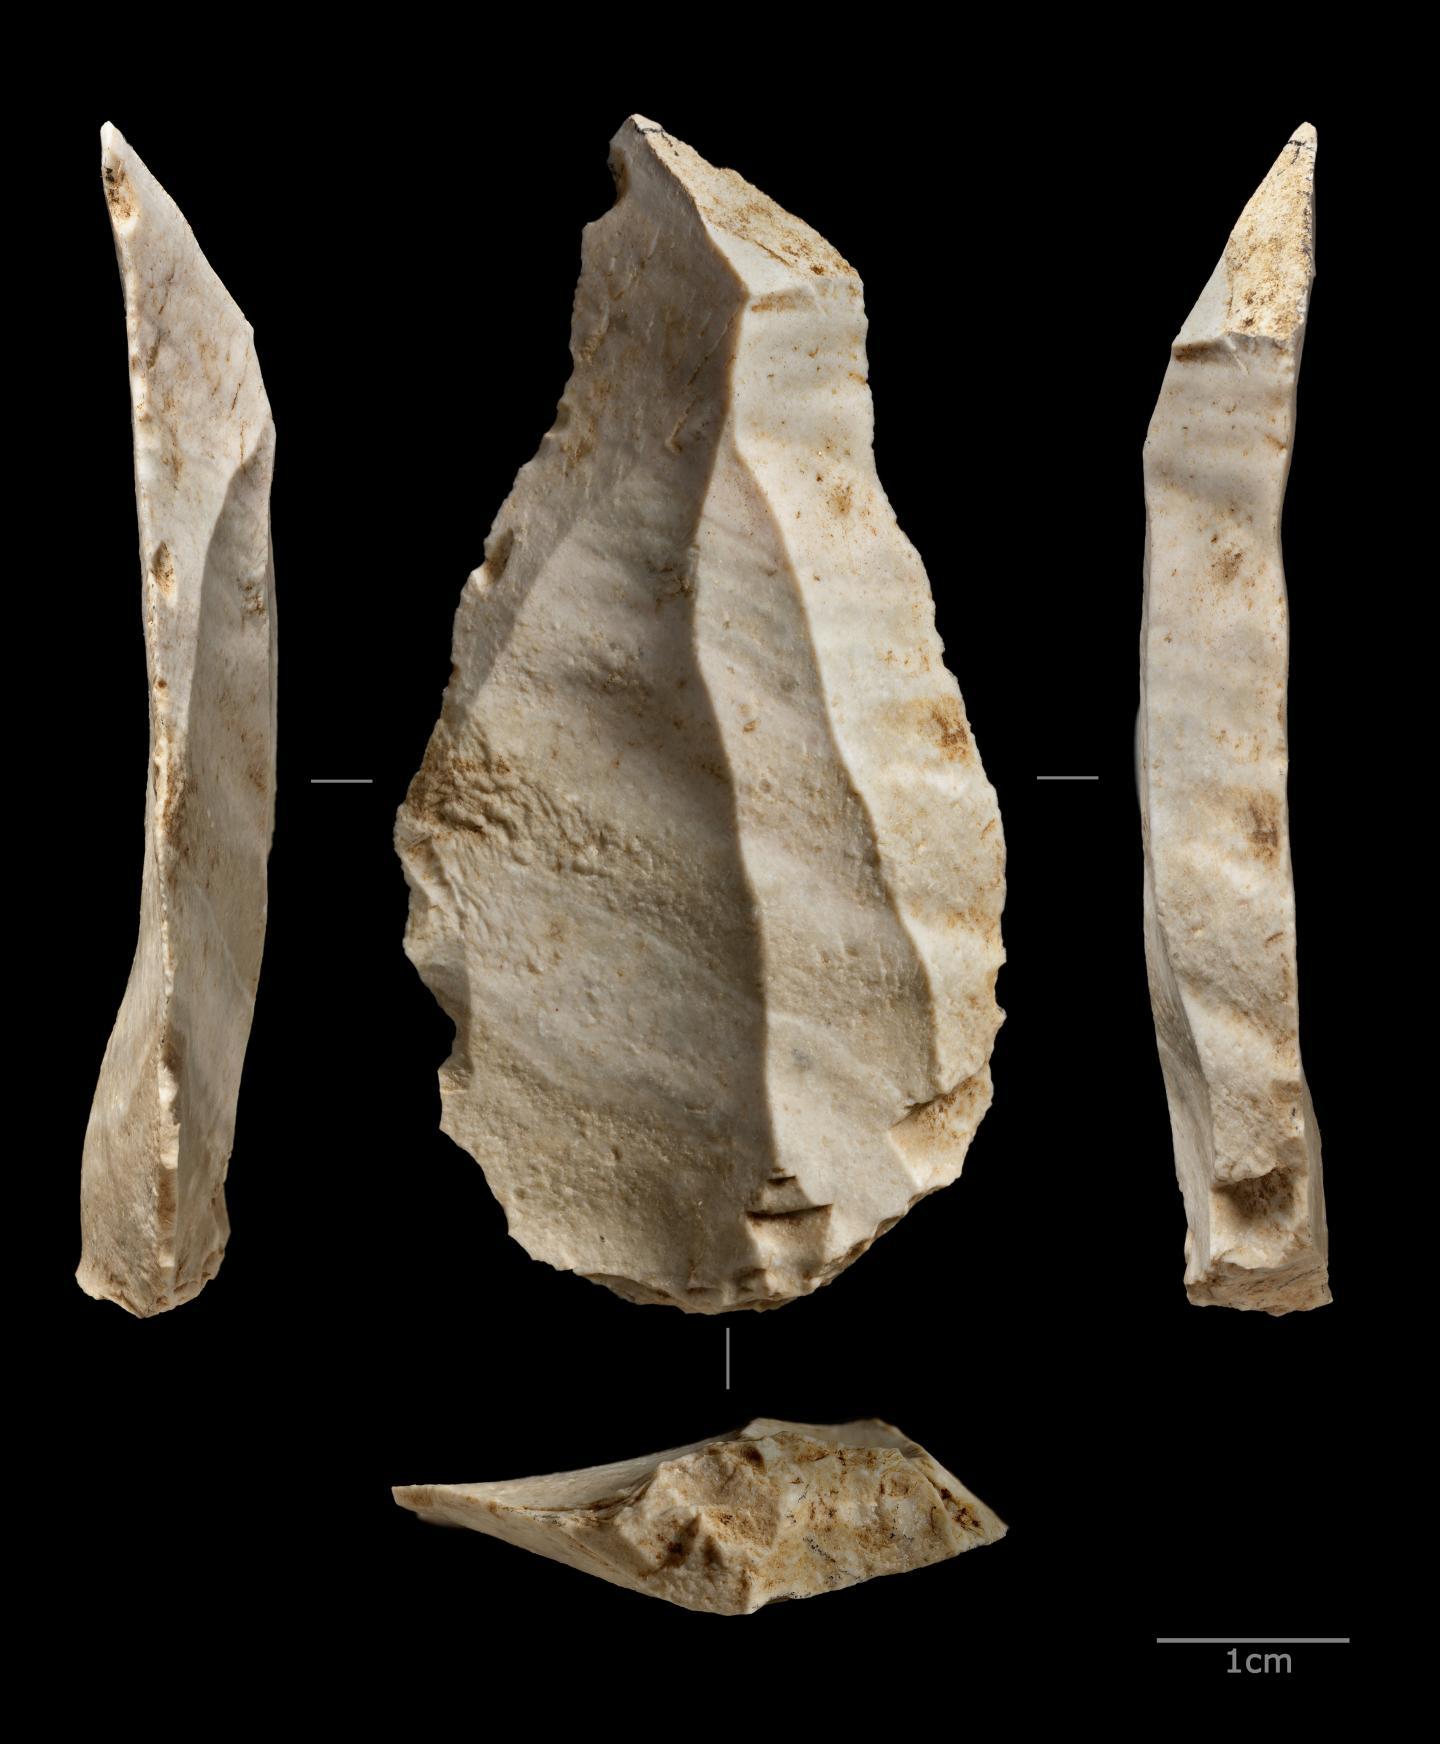 Crustacean Fragments